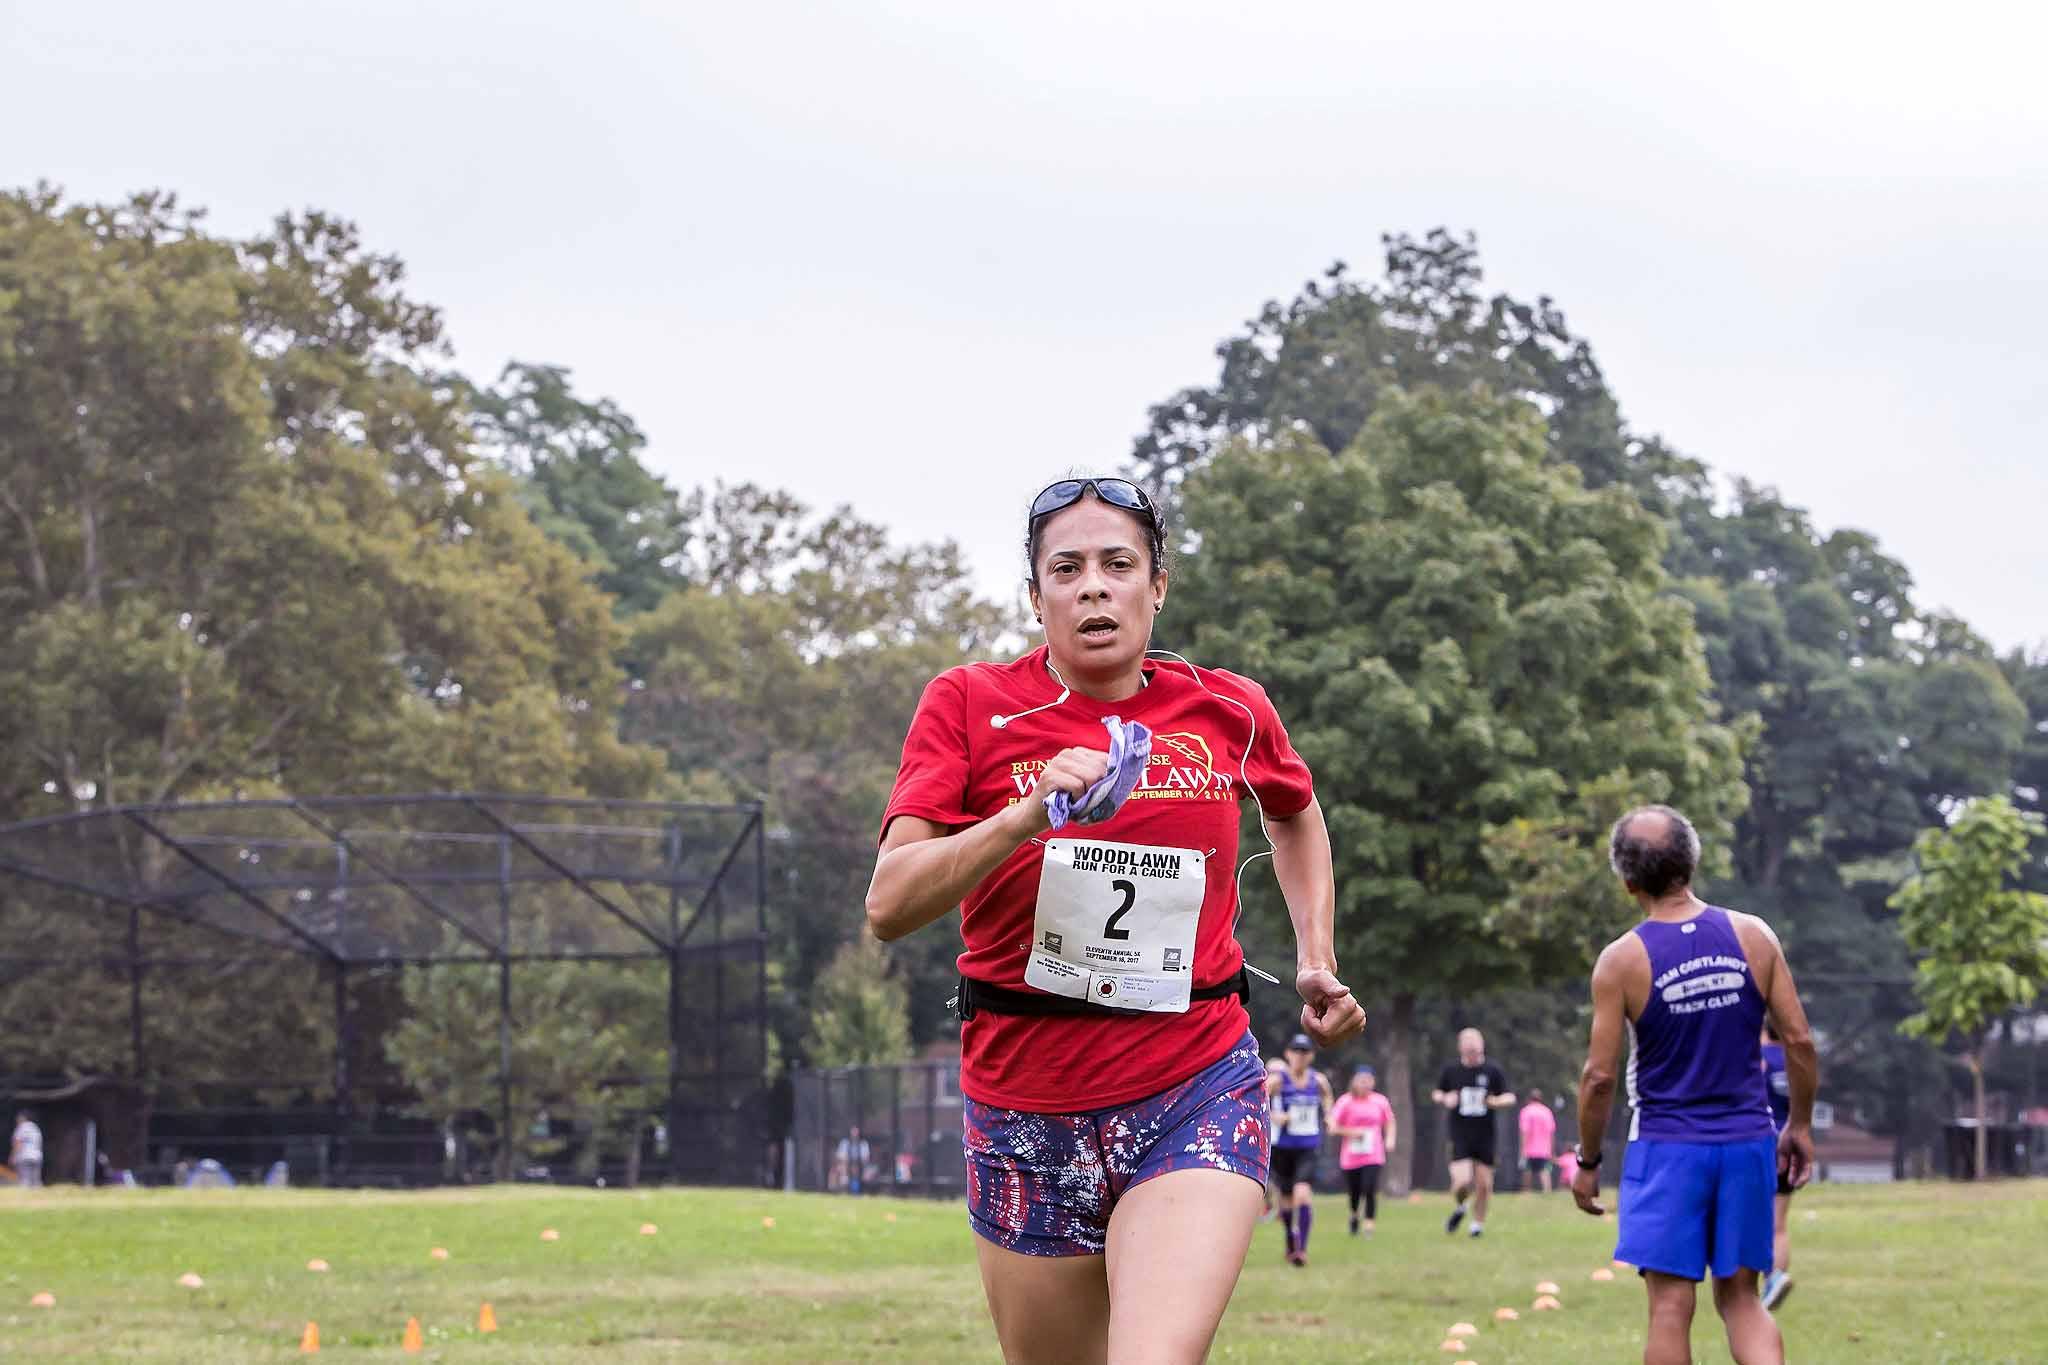 120-Woodlawn Run for a Cause-297.jpg